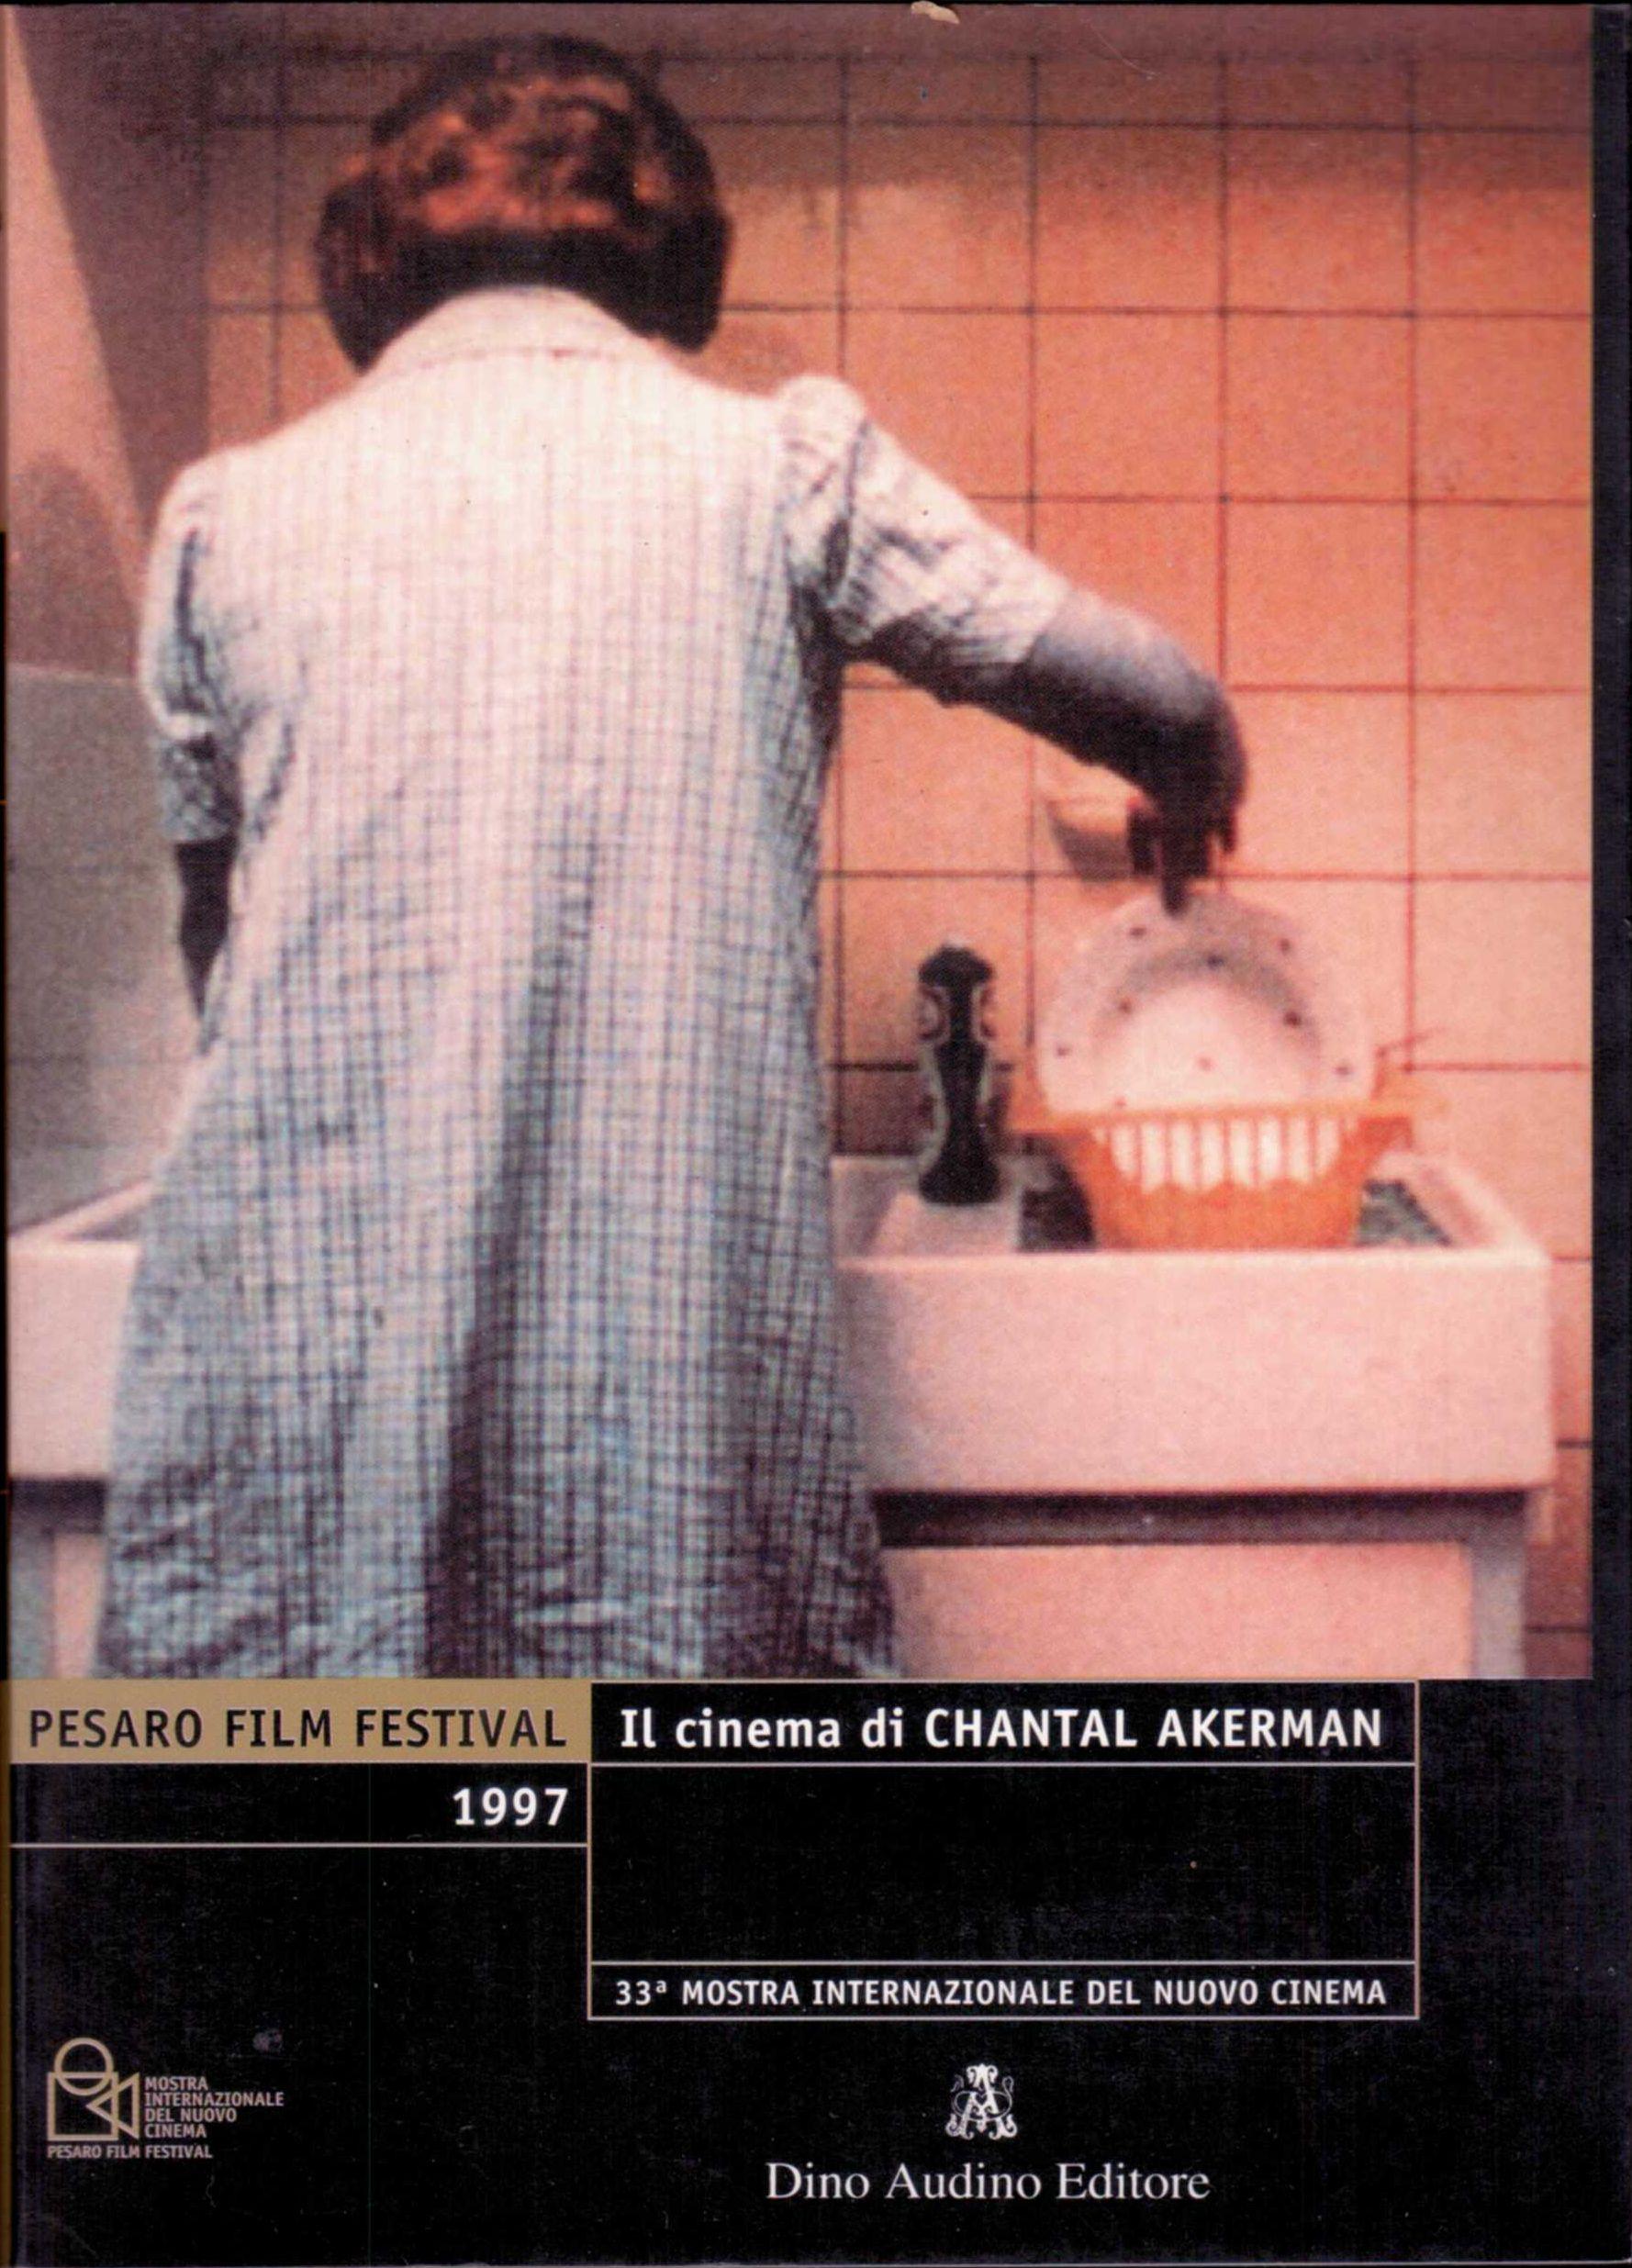 Il cinema di Chantal Akerman